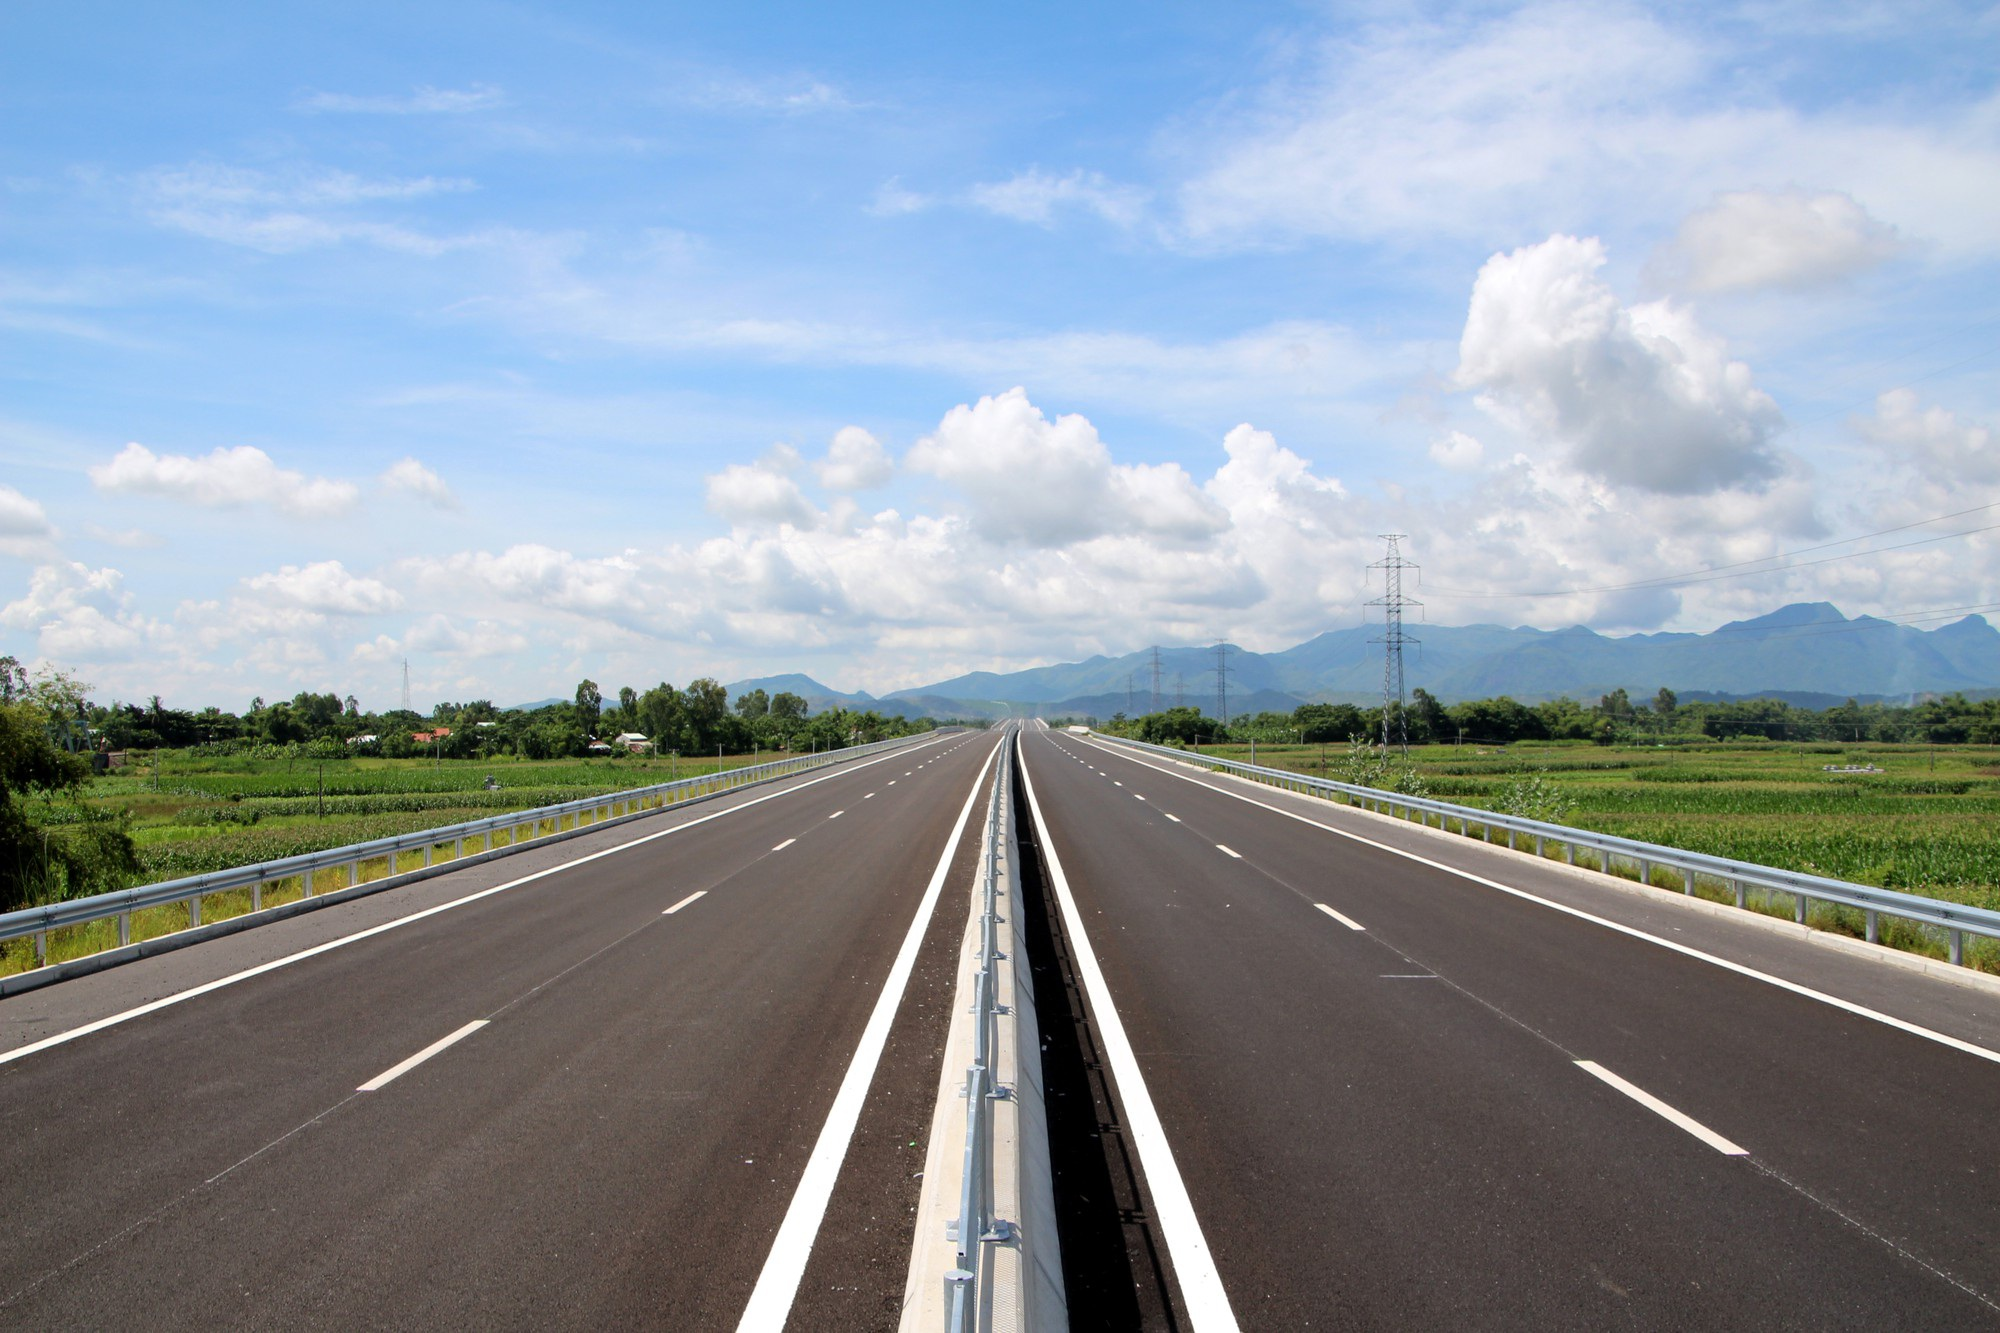 Hiện tuyến chính cao tốc từ Tam Kỳ đến Quảng Ngãi đã hoàn thành nhưng nhiều hạn mục phụ như đường ngang, công chui và một số hạn mục phụ vẫn chưa hoàn thiện